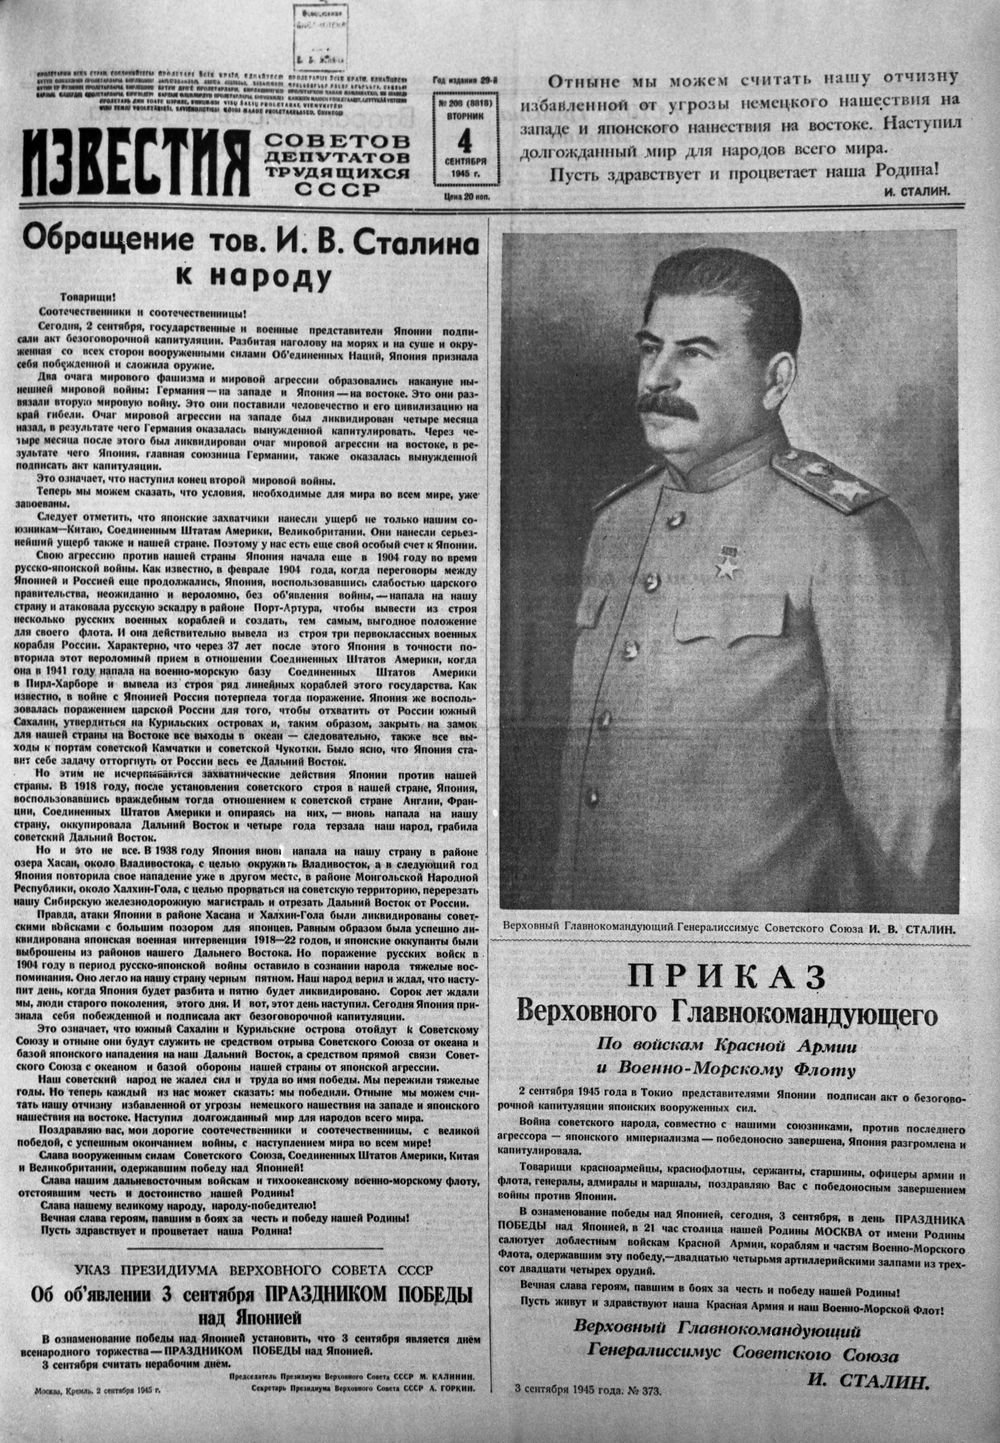 Почему Госдума изменила дату окончания Второй мировой Общество,Политика